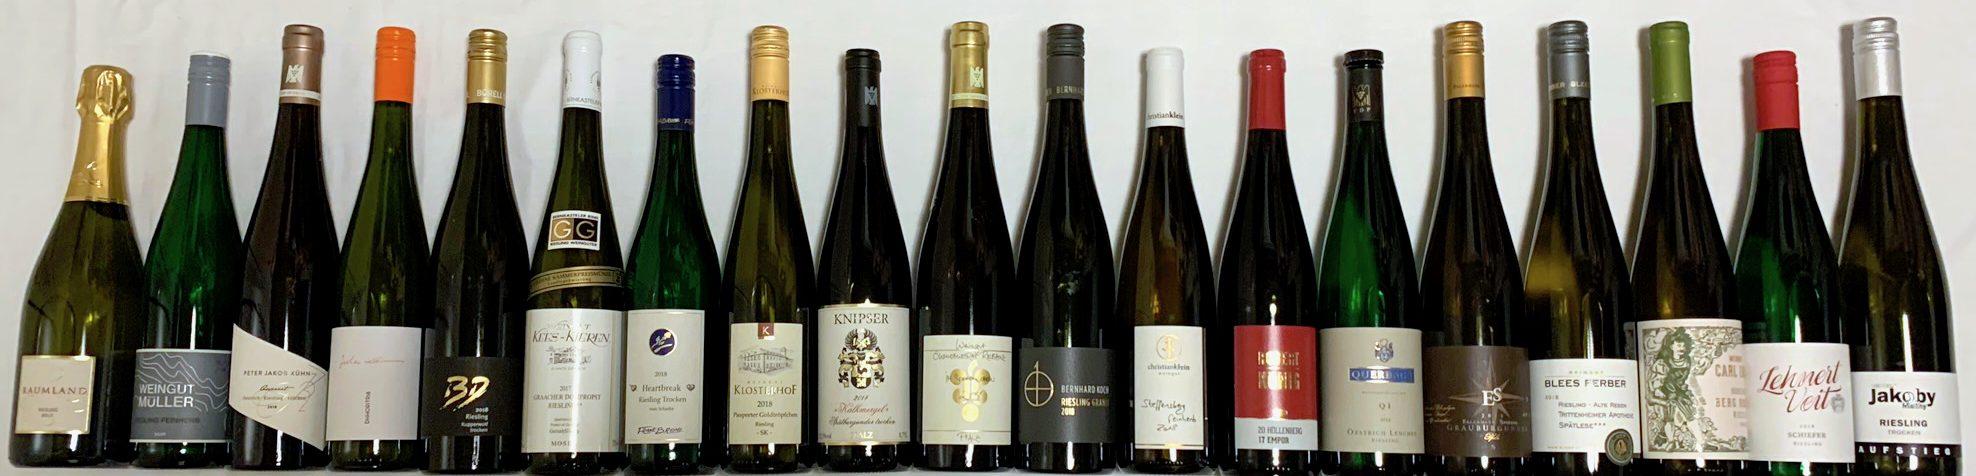 美味しいドイツワインを探して